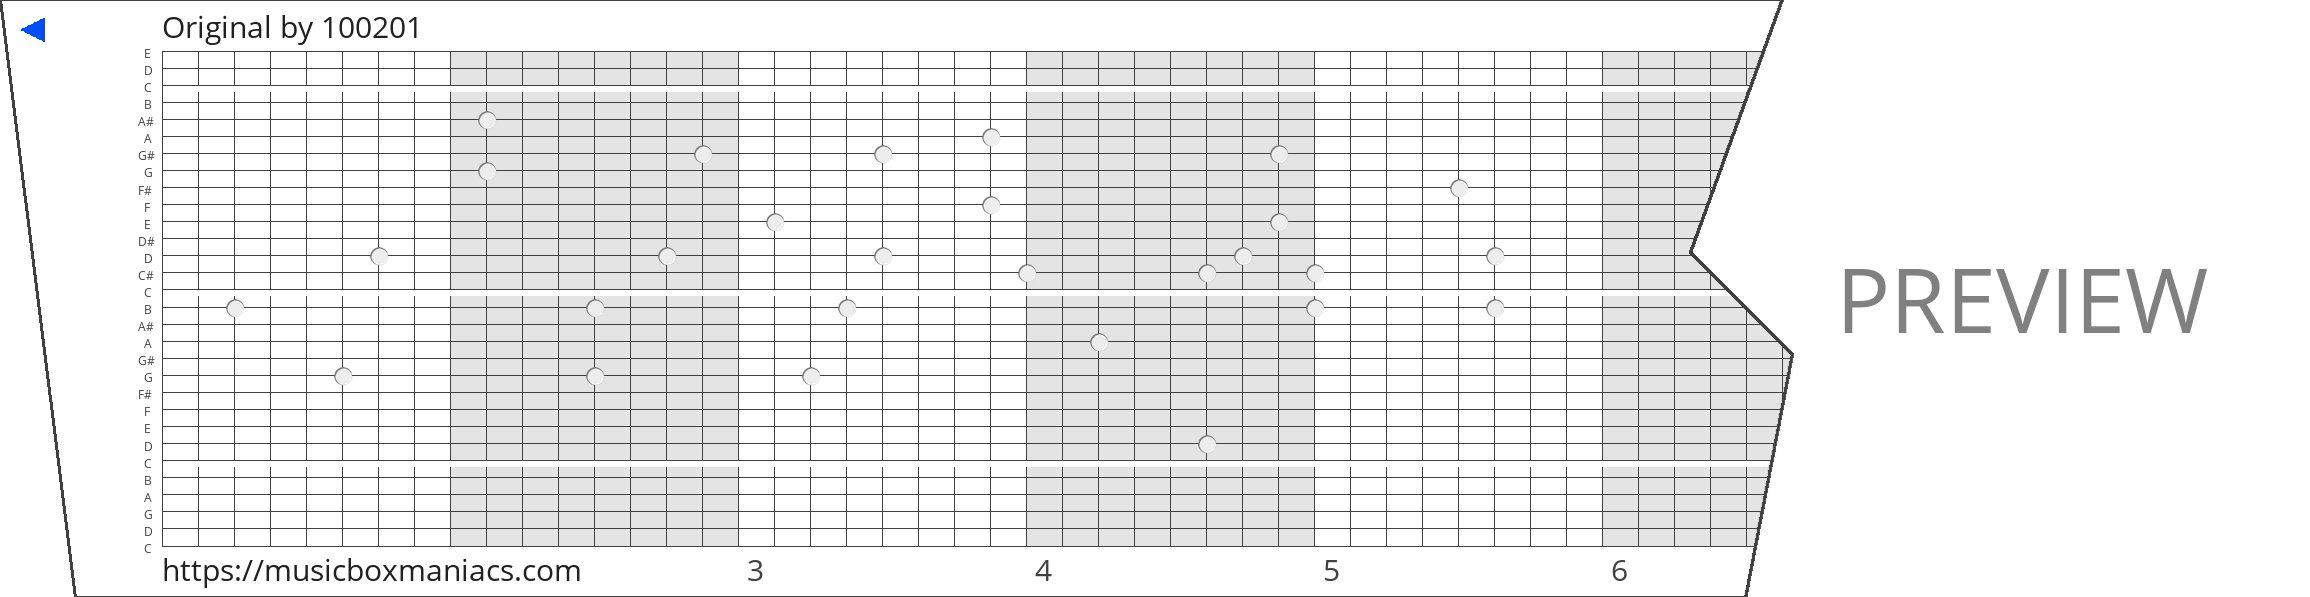 Original 30 note music box paper strip